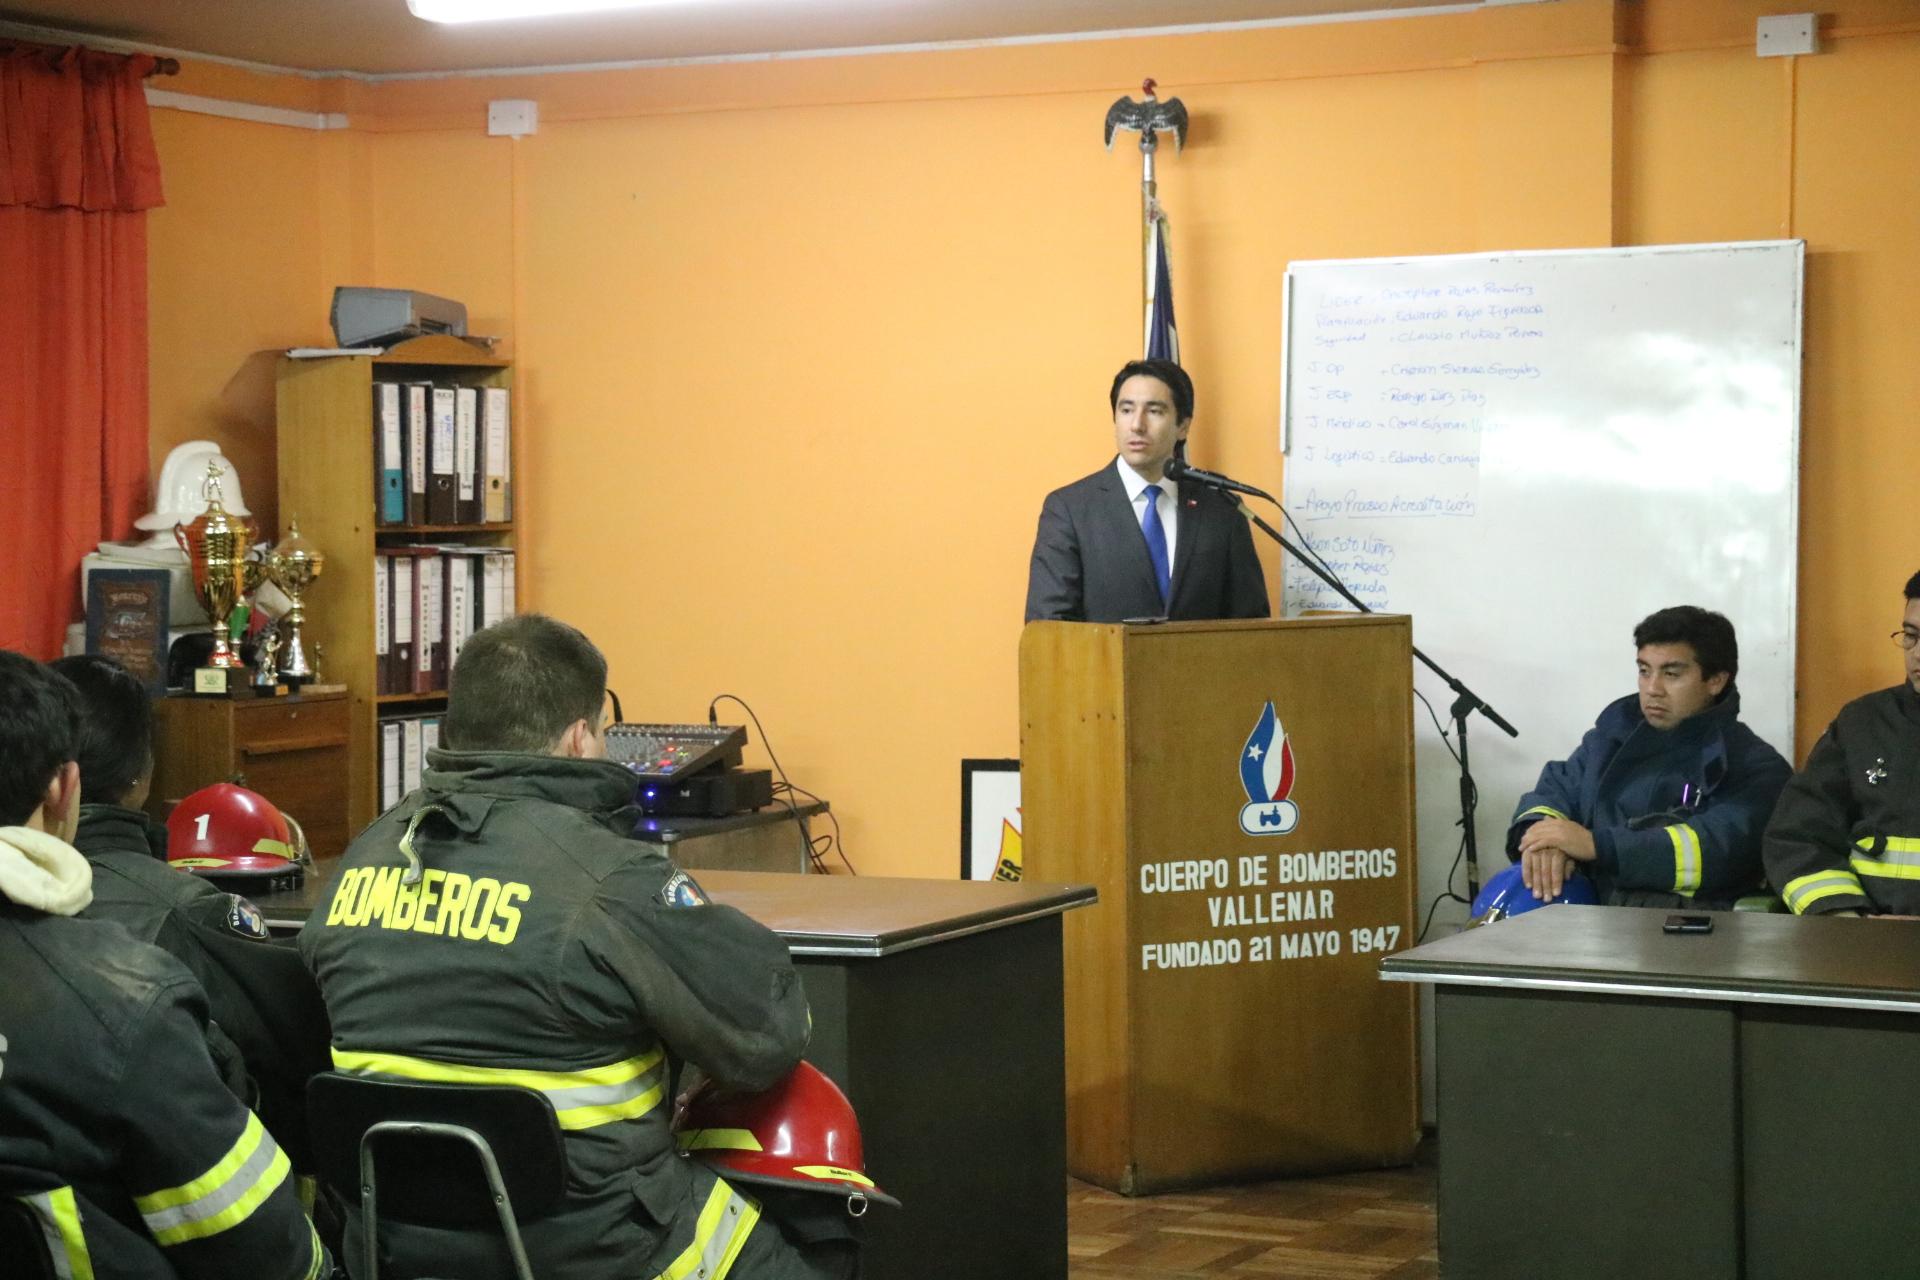 Gobernador del Huasco visitó las dependencias del cuartel de bomberos de Vallenar